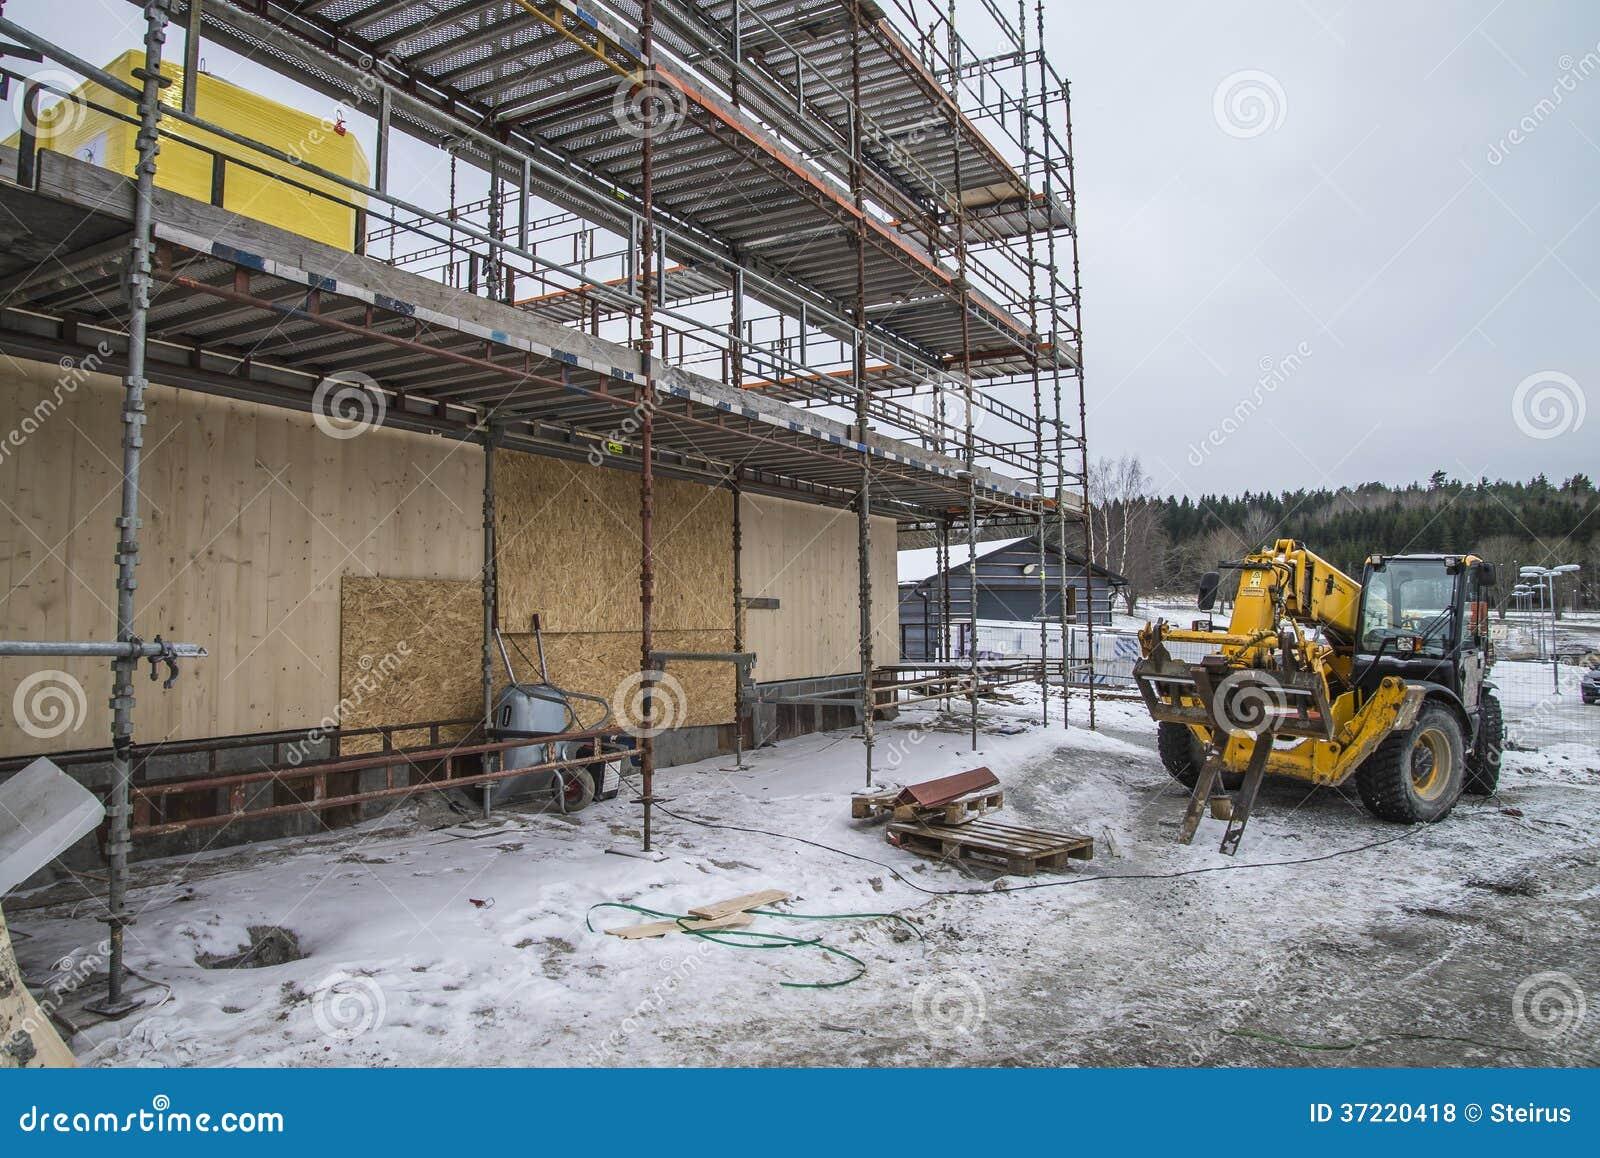 quipement de levage sur un chantier de construction grue